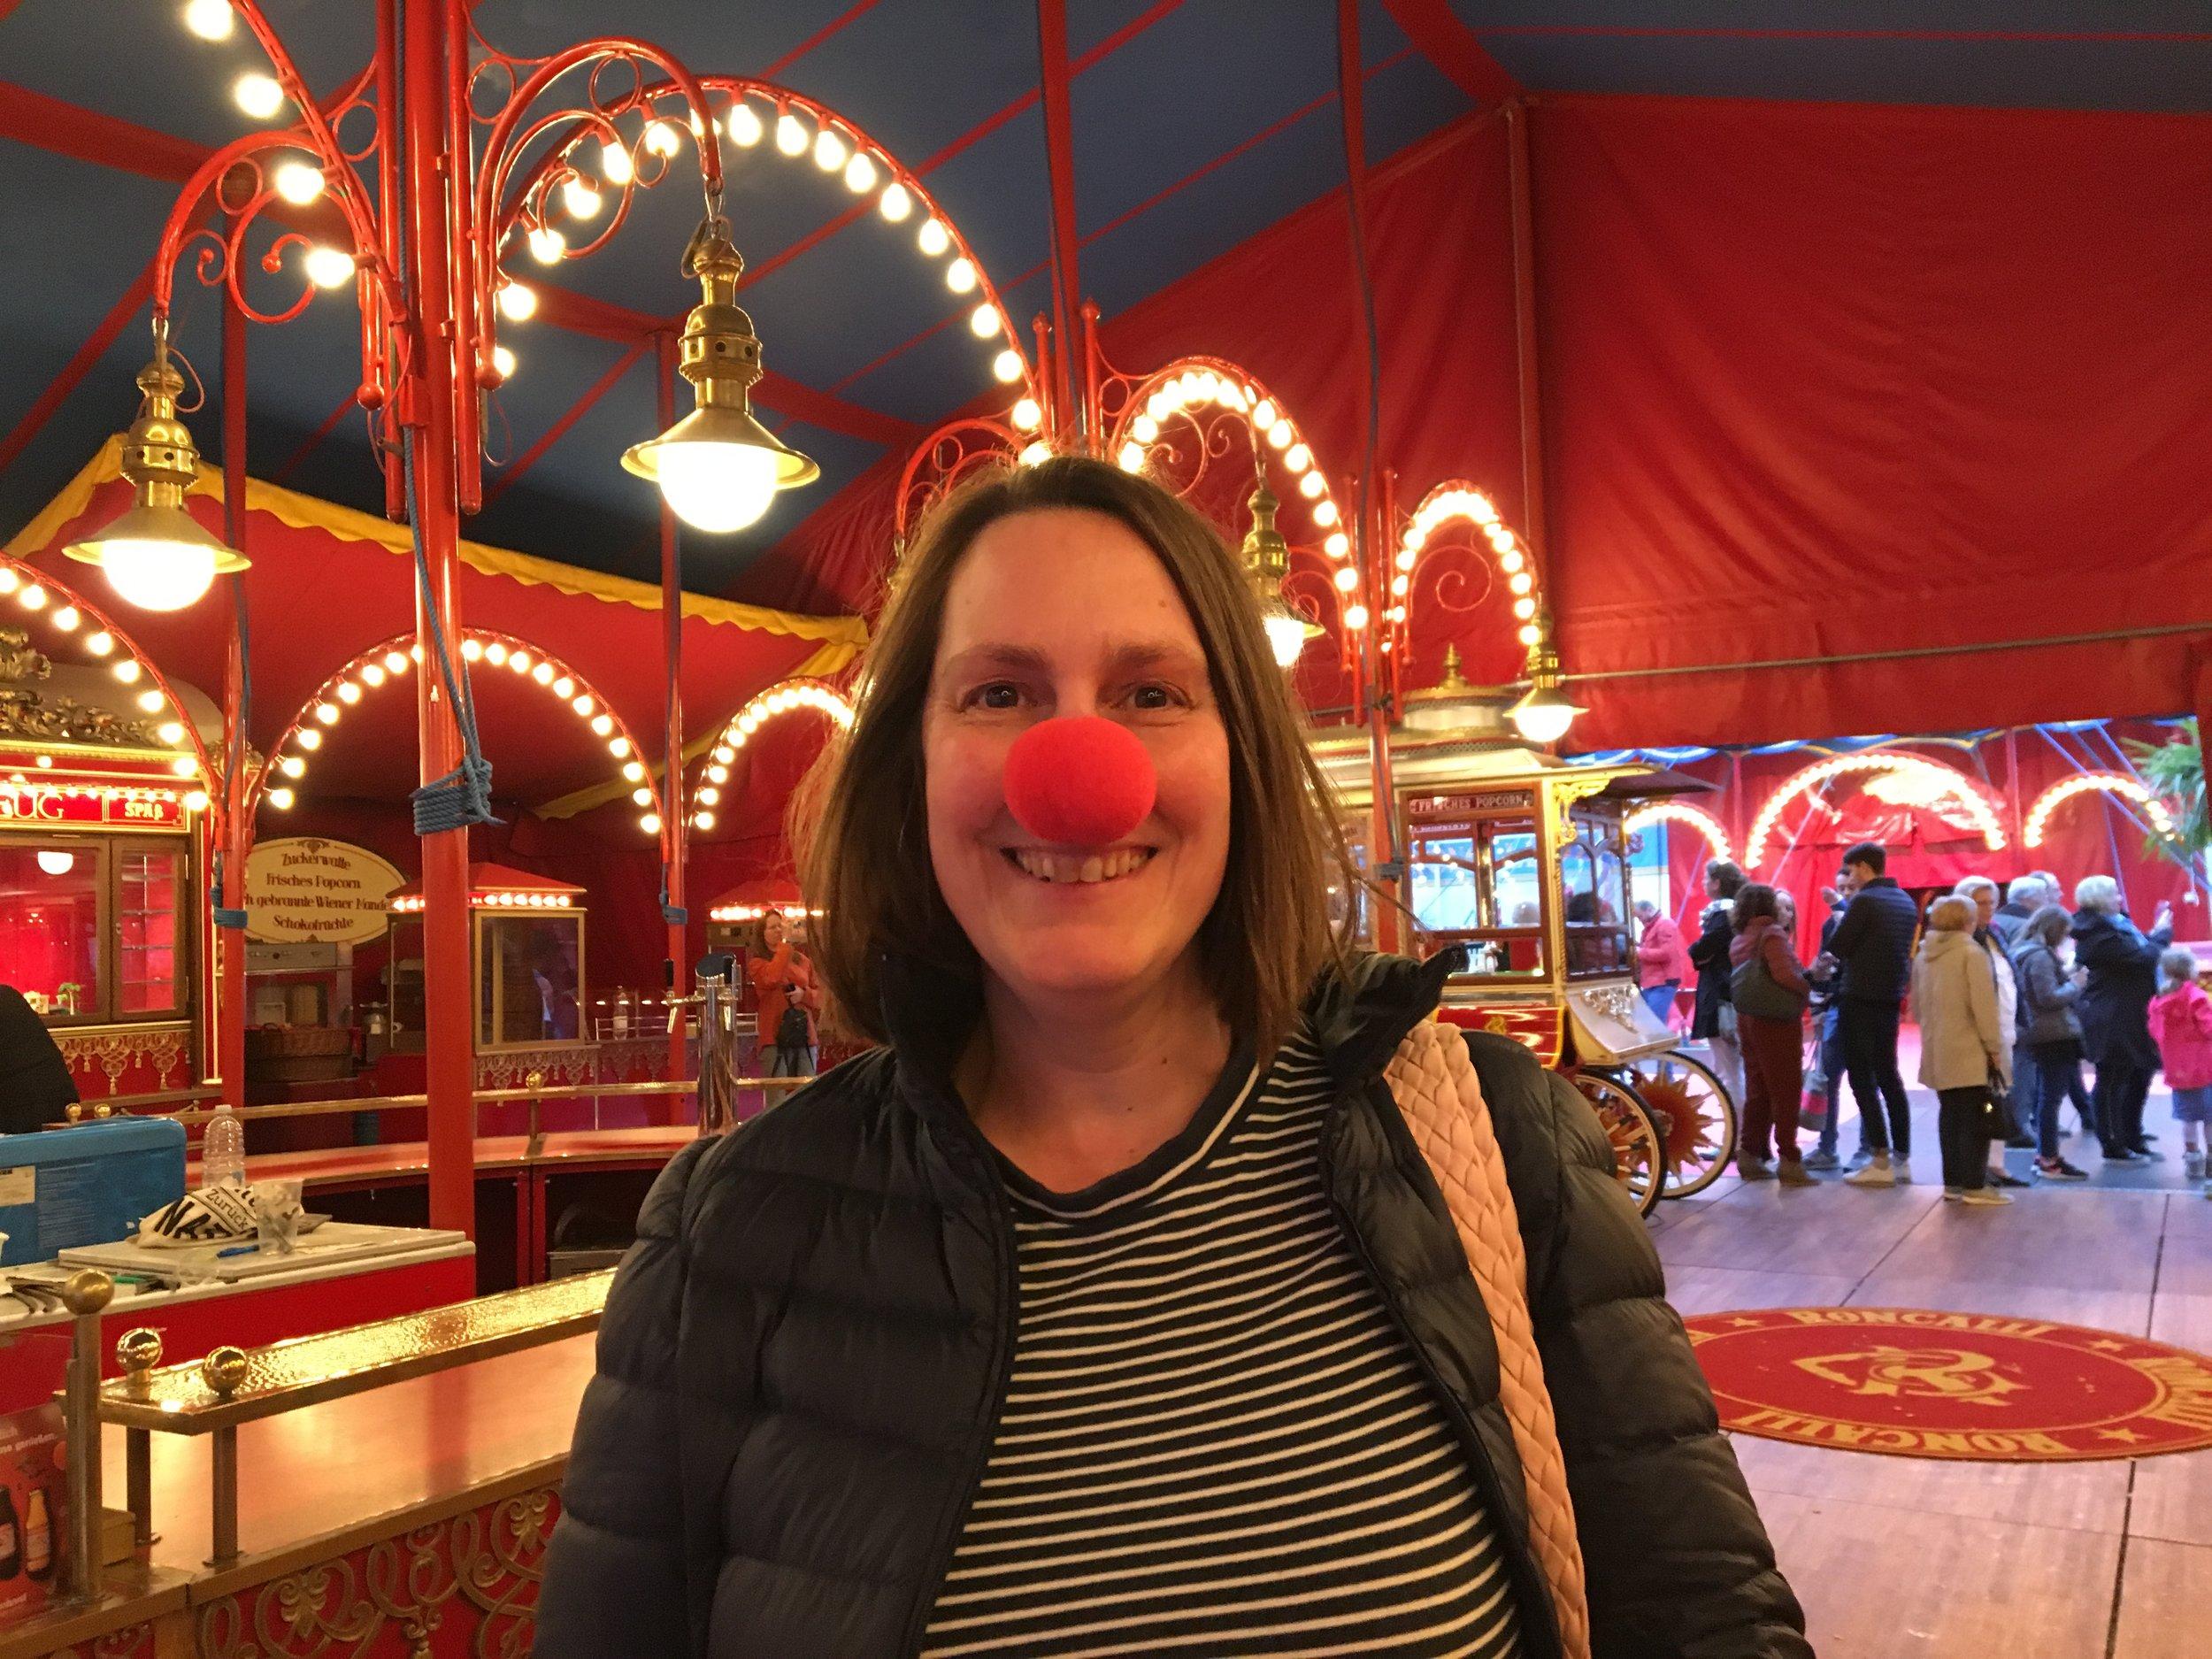 """Eigenes Bild nach der wunderschönen und berührenden Roncalli-Veranstaltung """"Storyteller"""" in Hamburg. Wie Ihr seht, habe ich es in vollen Zügen genossen, am Ende Tränen in den Augen gehabt und wäre jetzt am Liebsten selbst auch noch gerne Clown … doch was nicht ist, kann ja noch werden. Mein weiterer Wunsch für 2020 ;-)"""